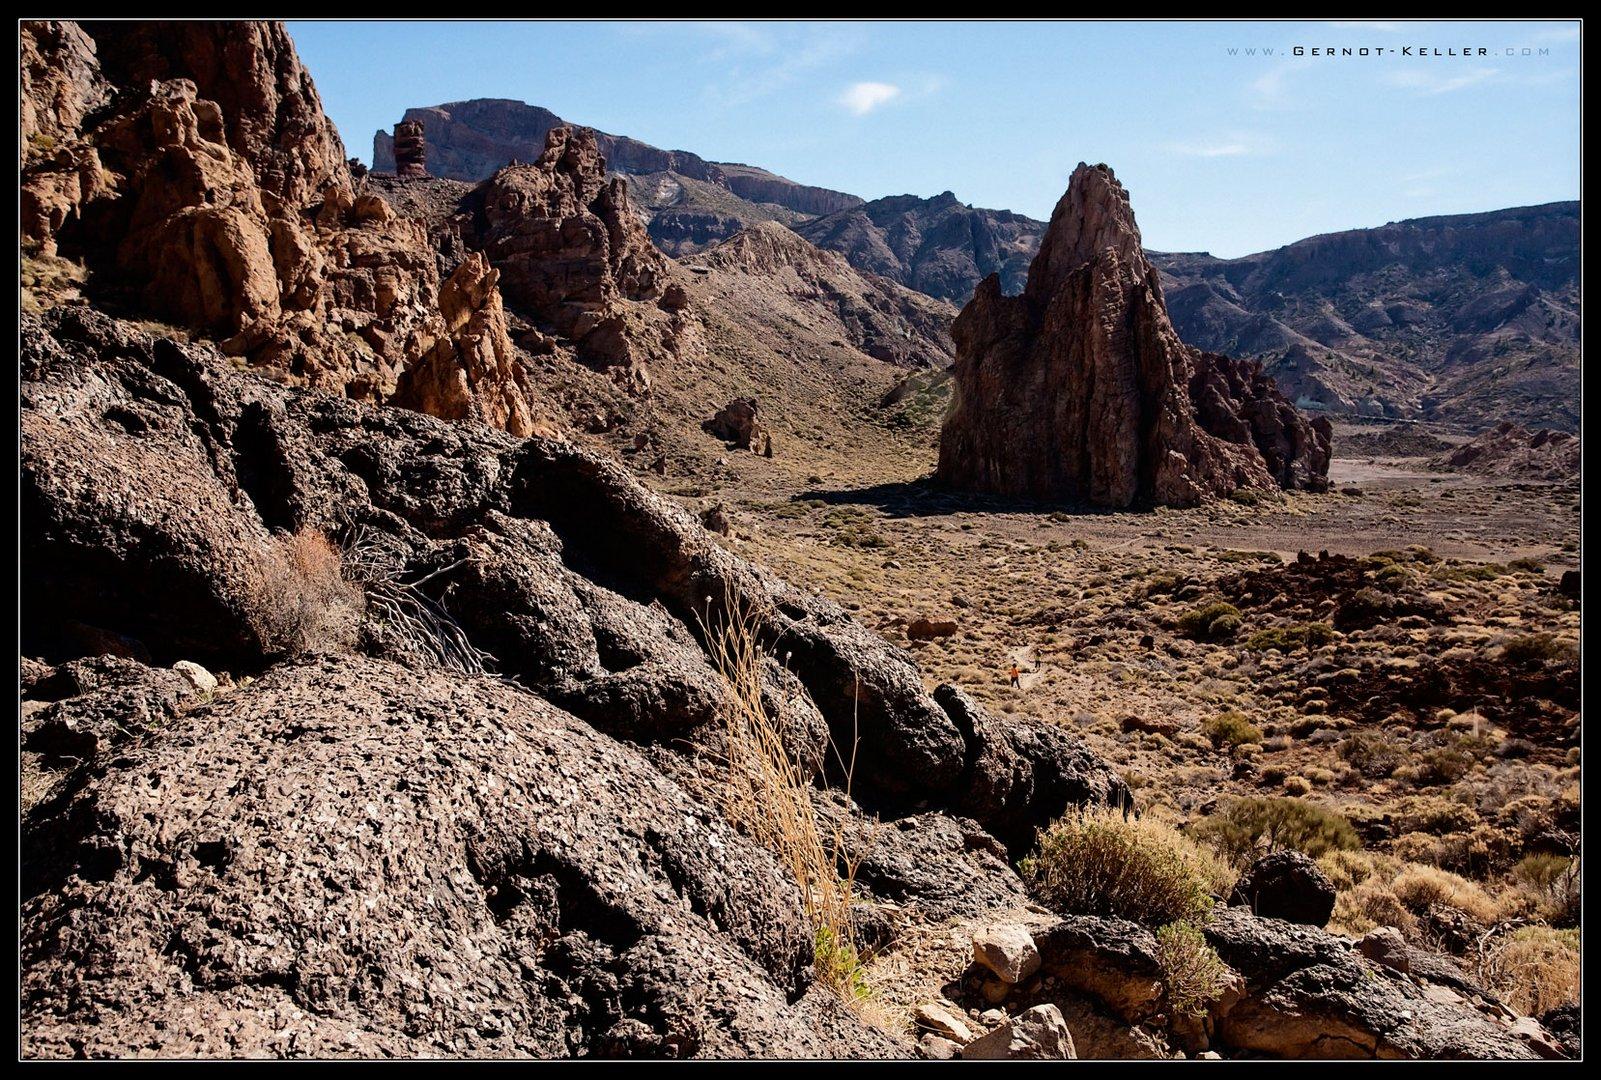 09117 - Teneriffa - In der Caldera des El Teide